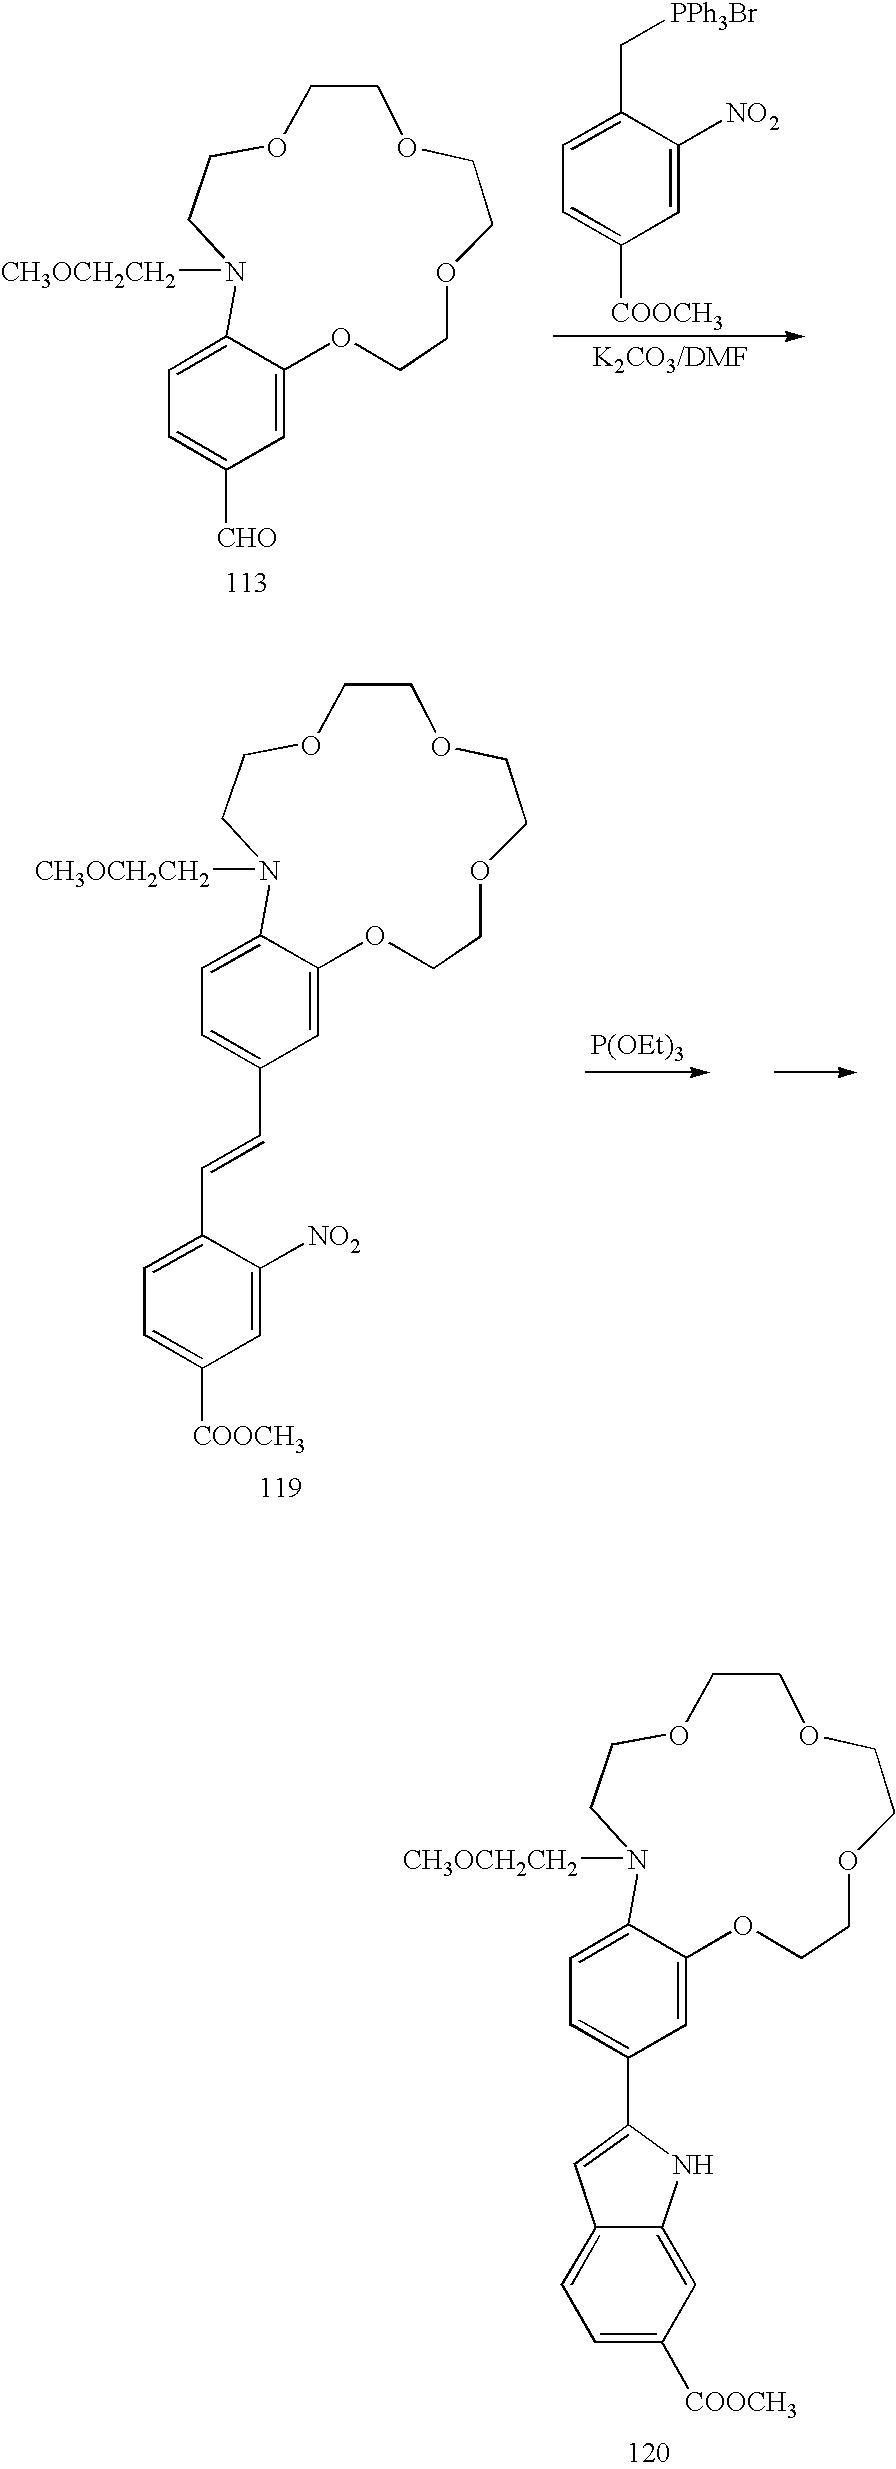 Figure US07579463-20090825-C00127